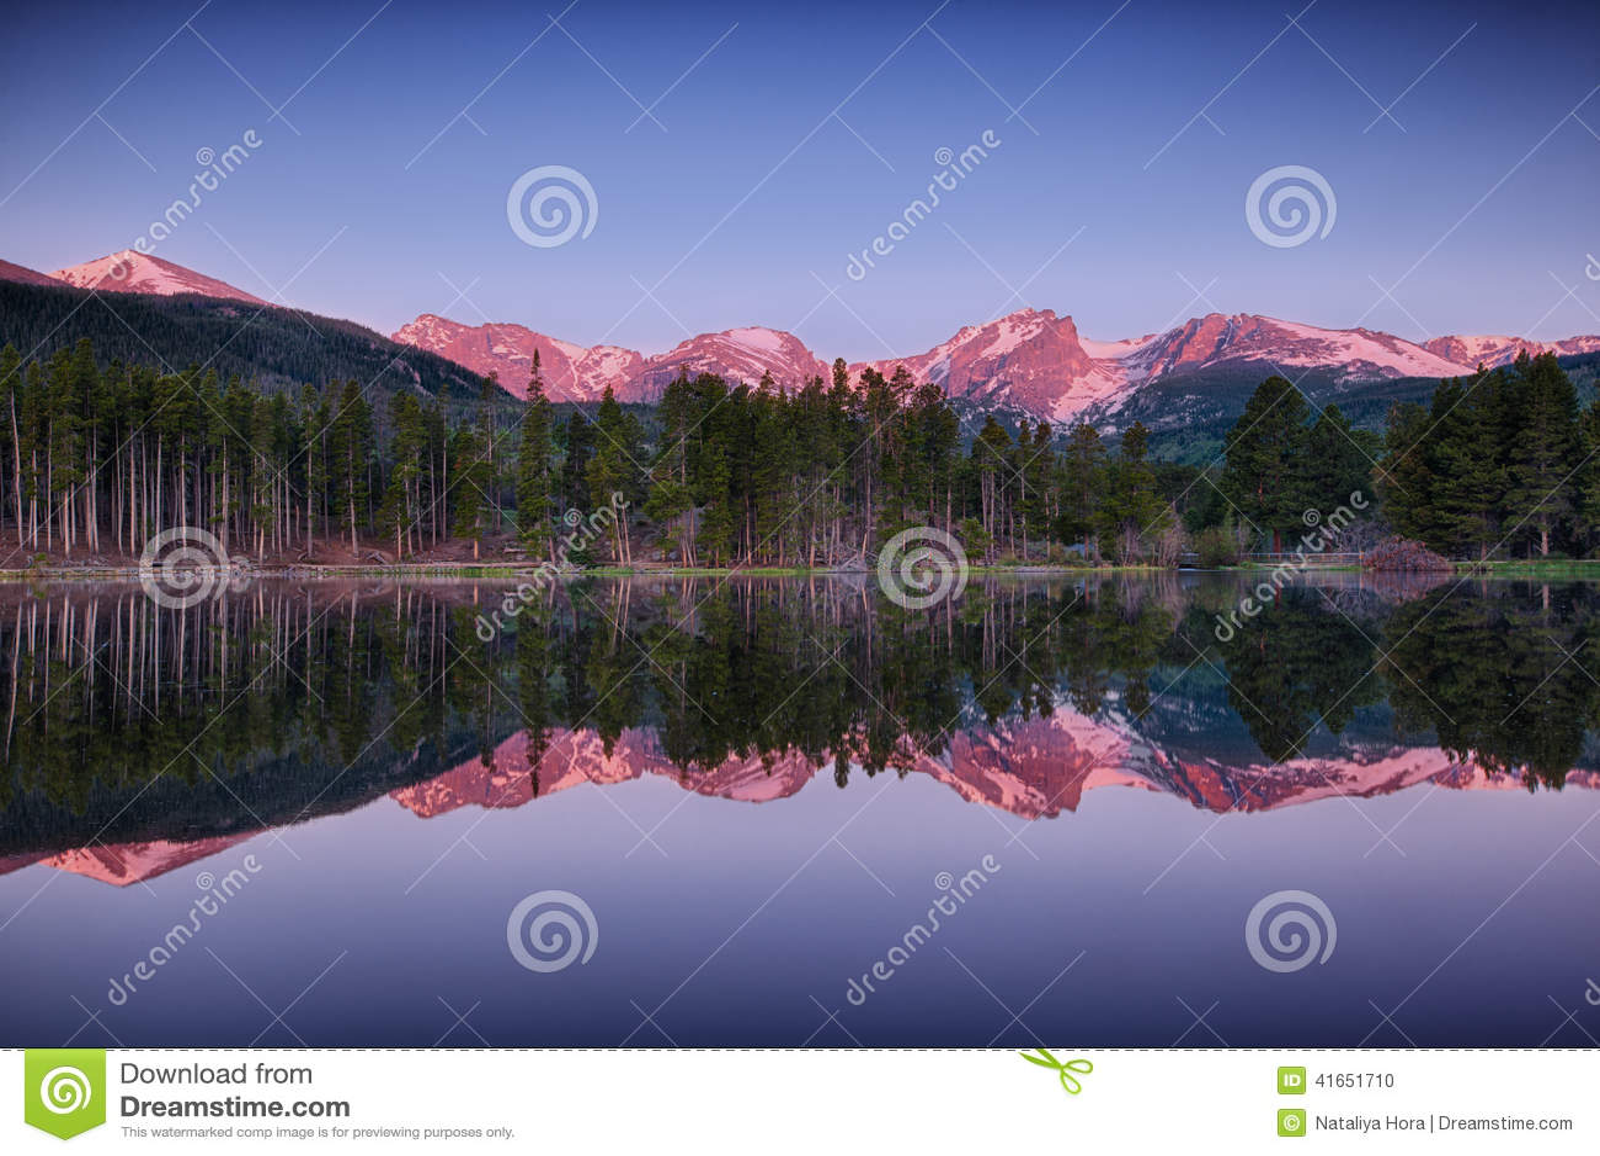 Озеро Sprague, национальный парк скалистой горы